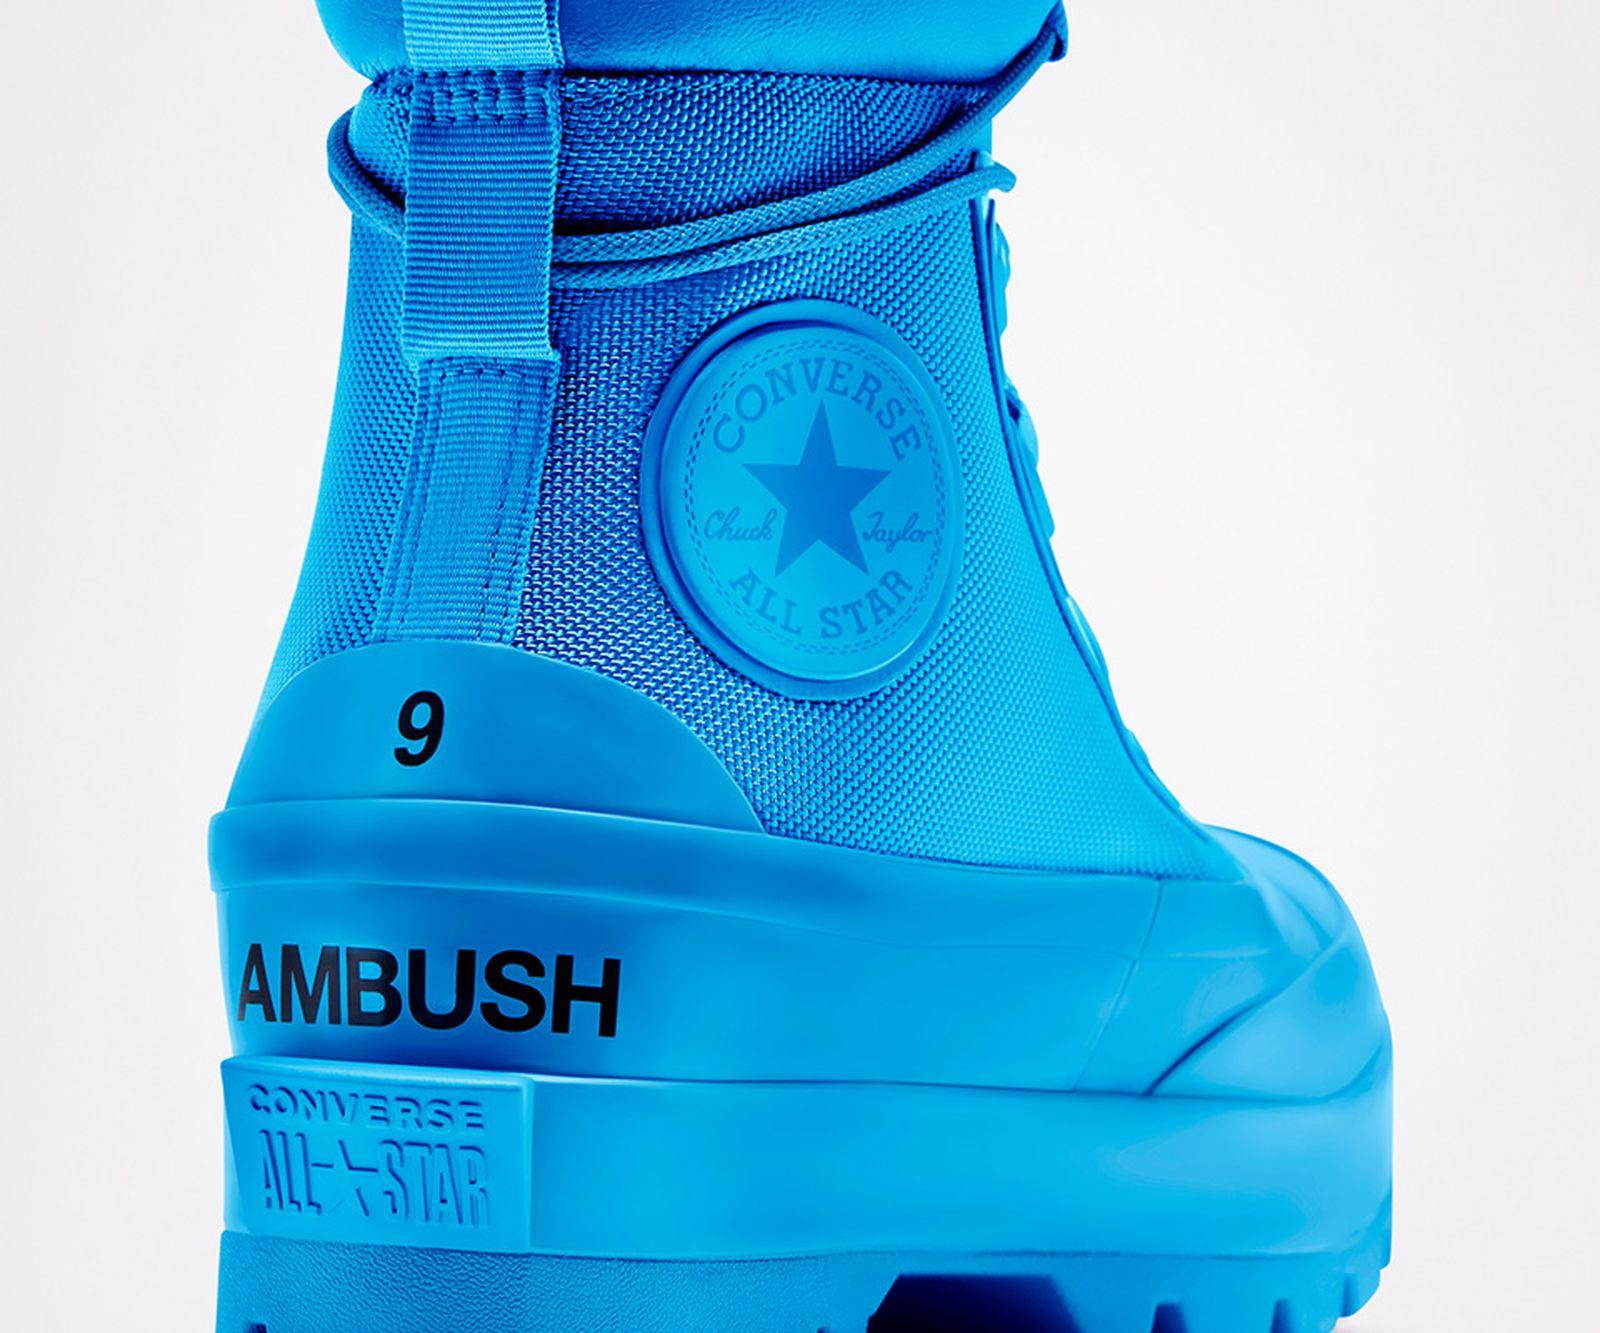 ambush-converse-ctas-duck-boot-release-date-price-1-03